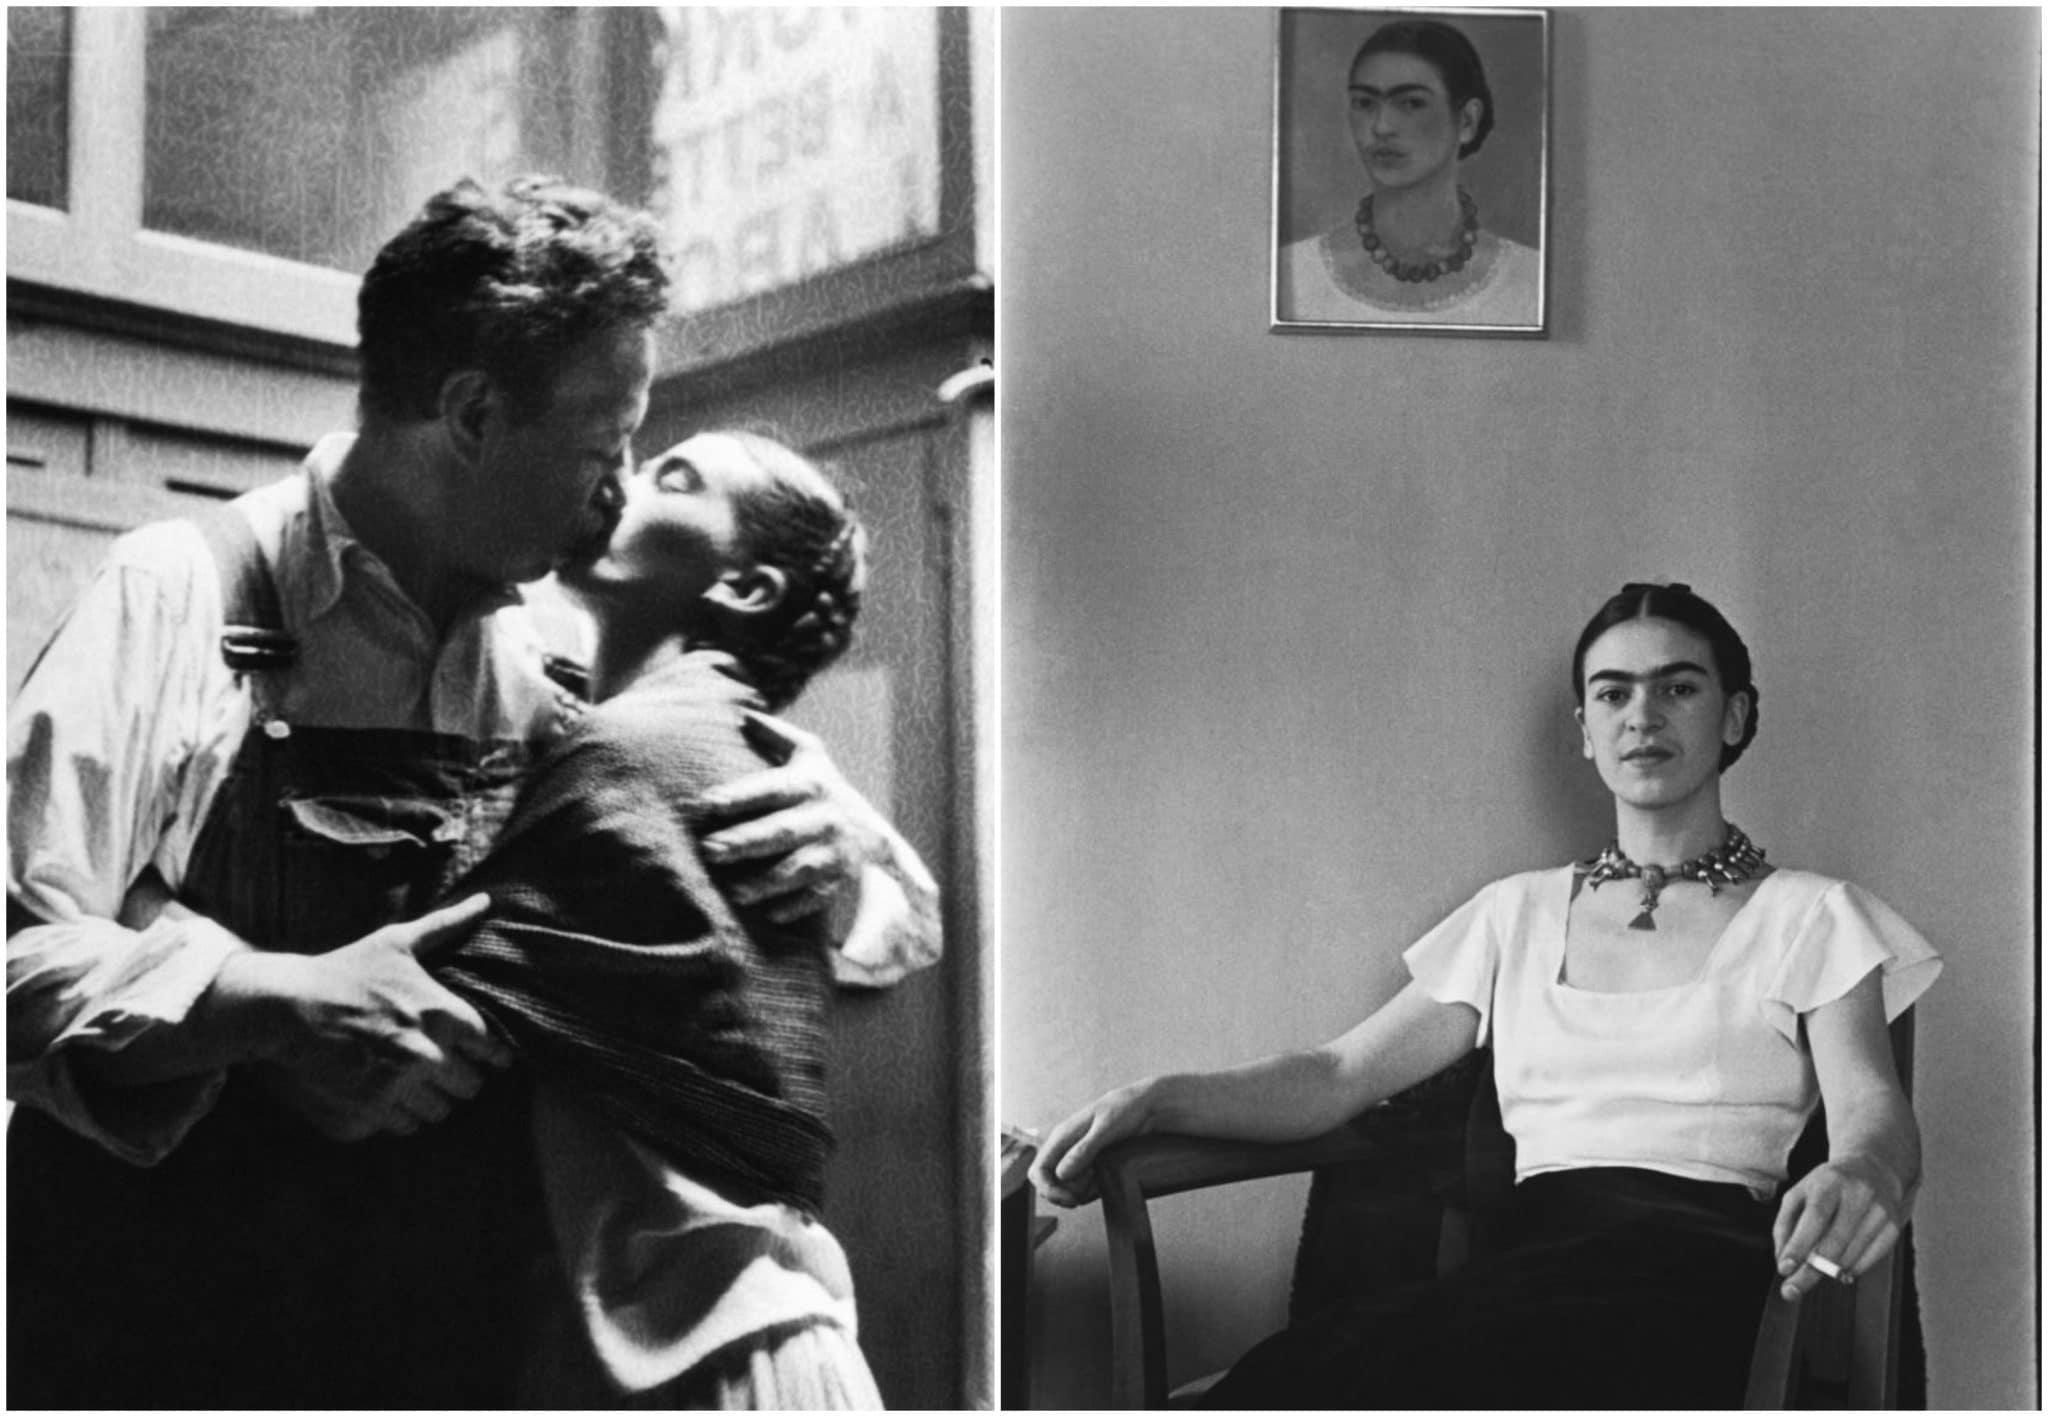 exposition frida kahlo paris galerie l'instant gratuit janvier 2021